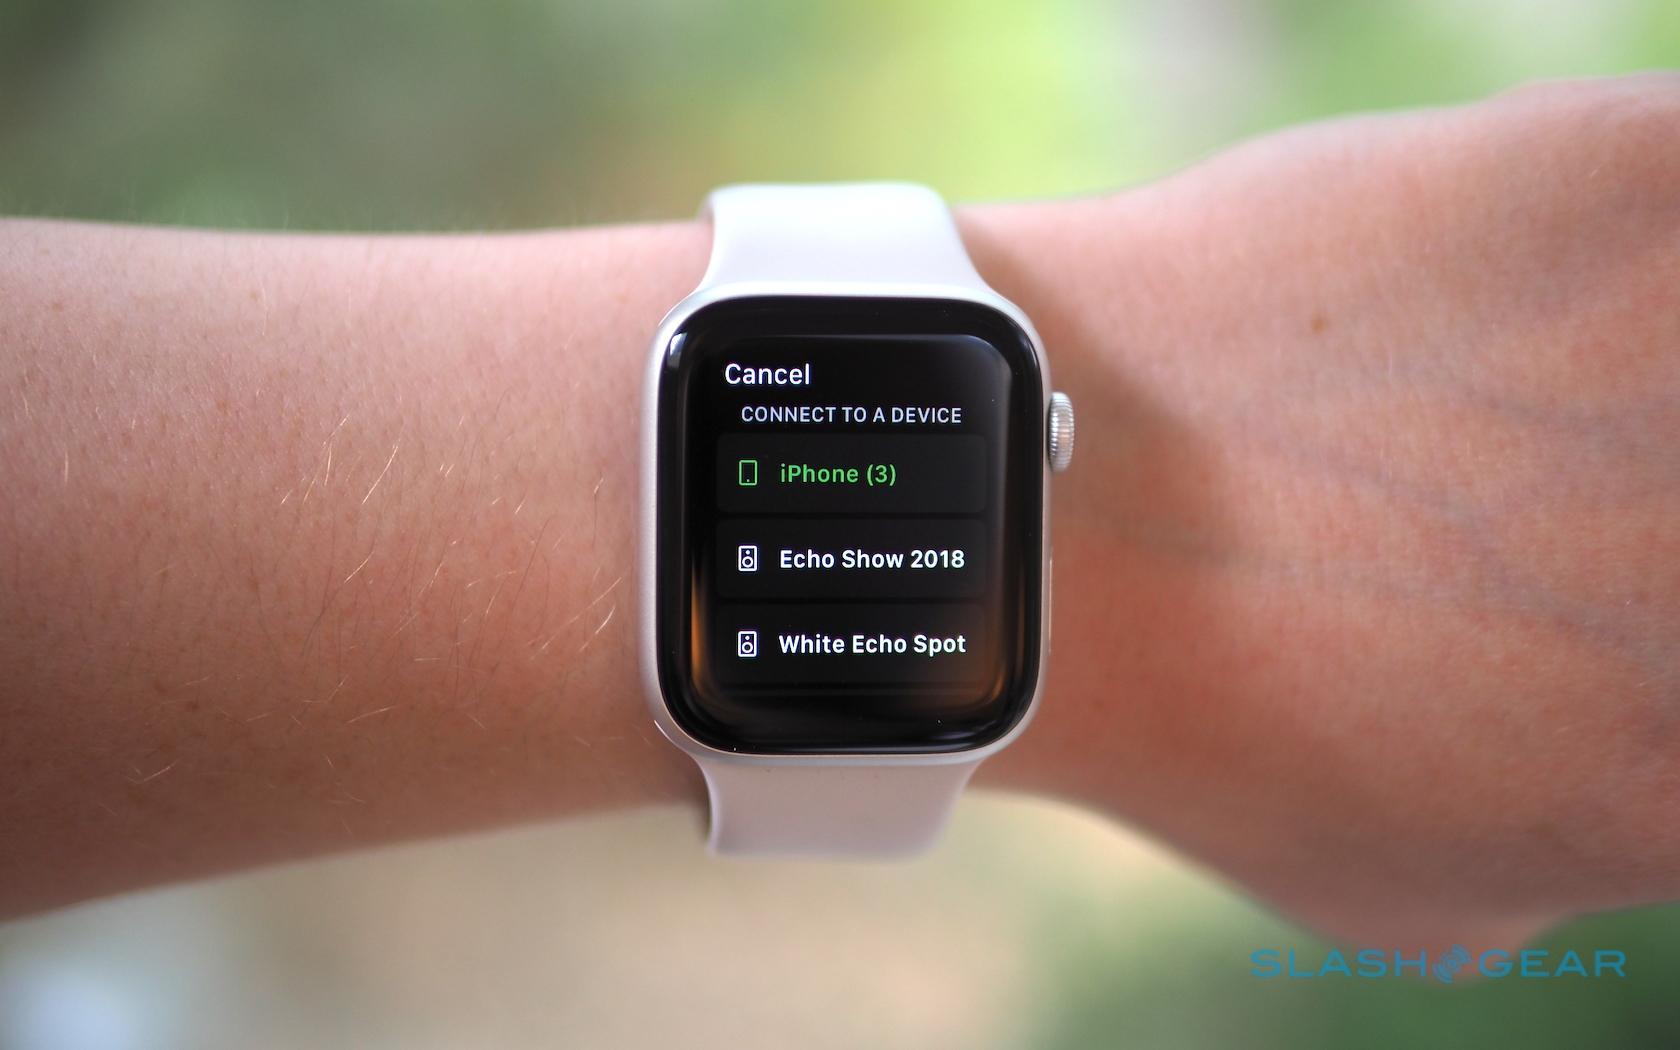 Spotify Apple Watch app out now: It's basic - SlashGear